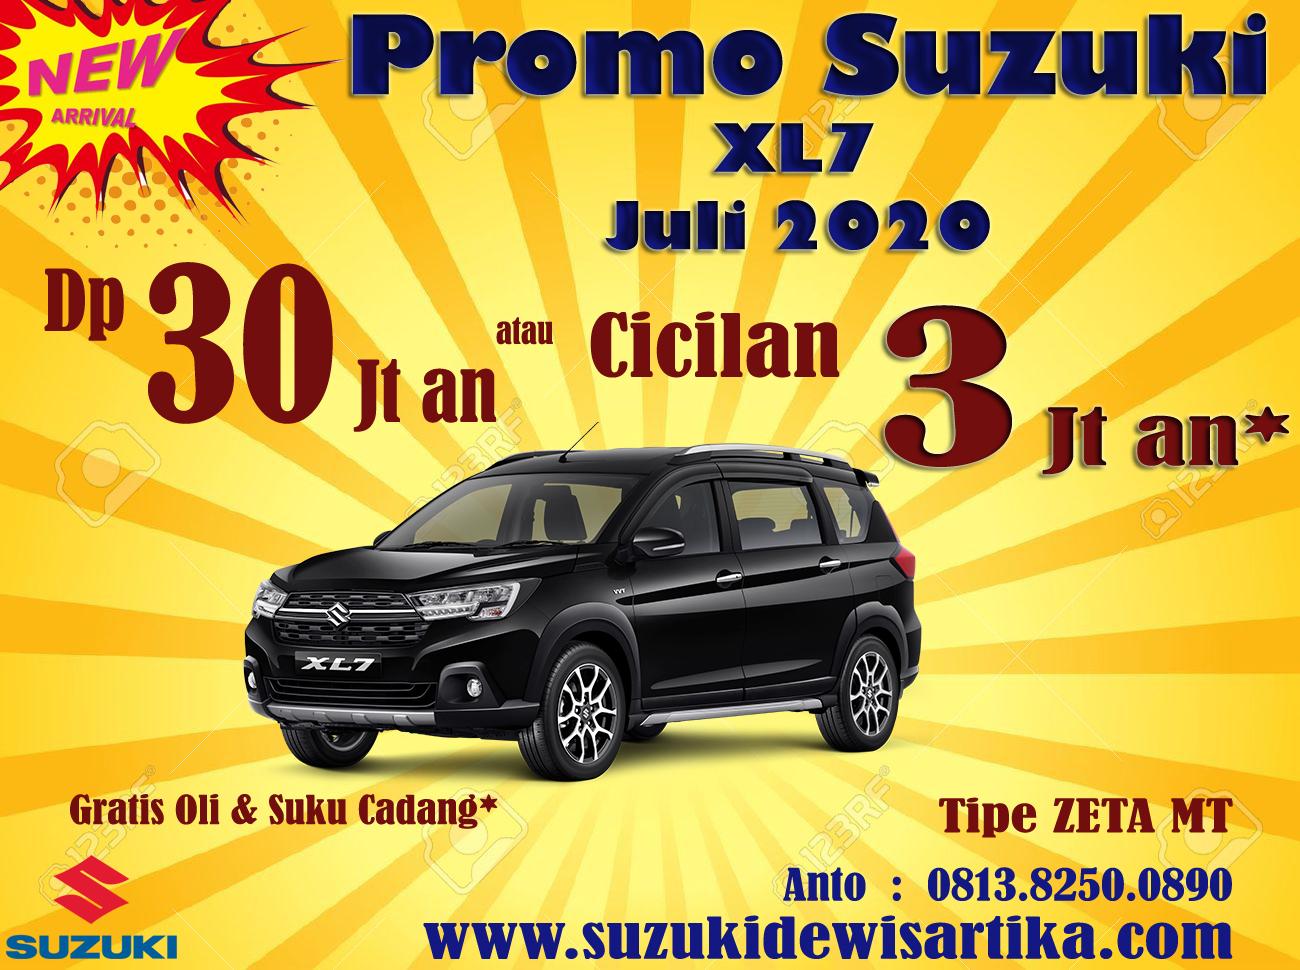 PROMO SUZUKI XL7 JULI 2020